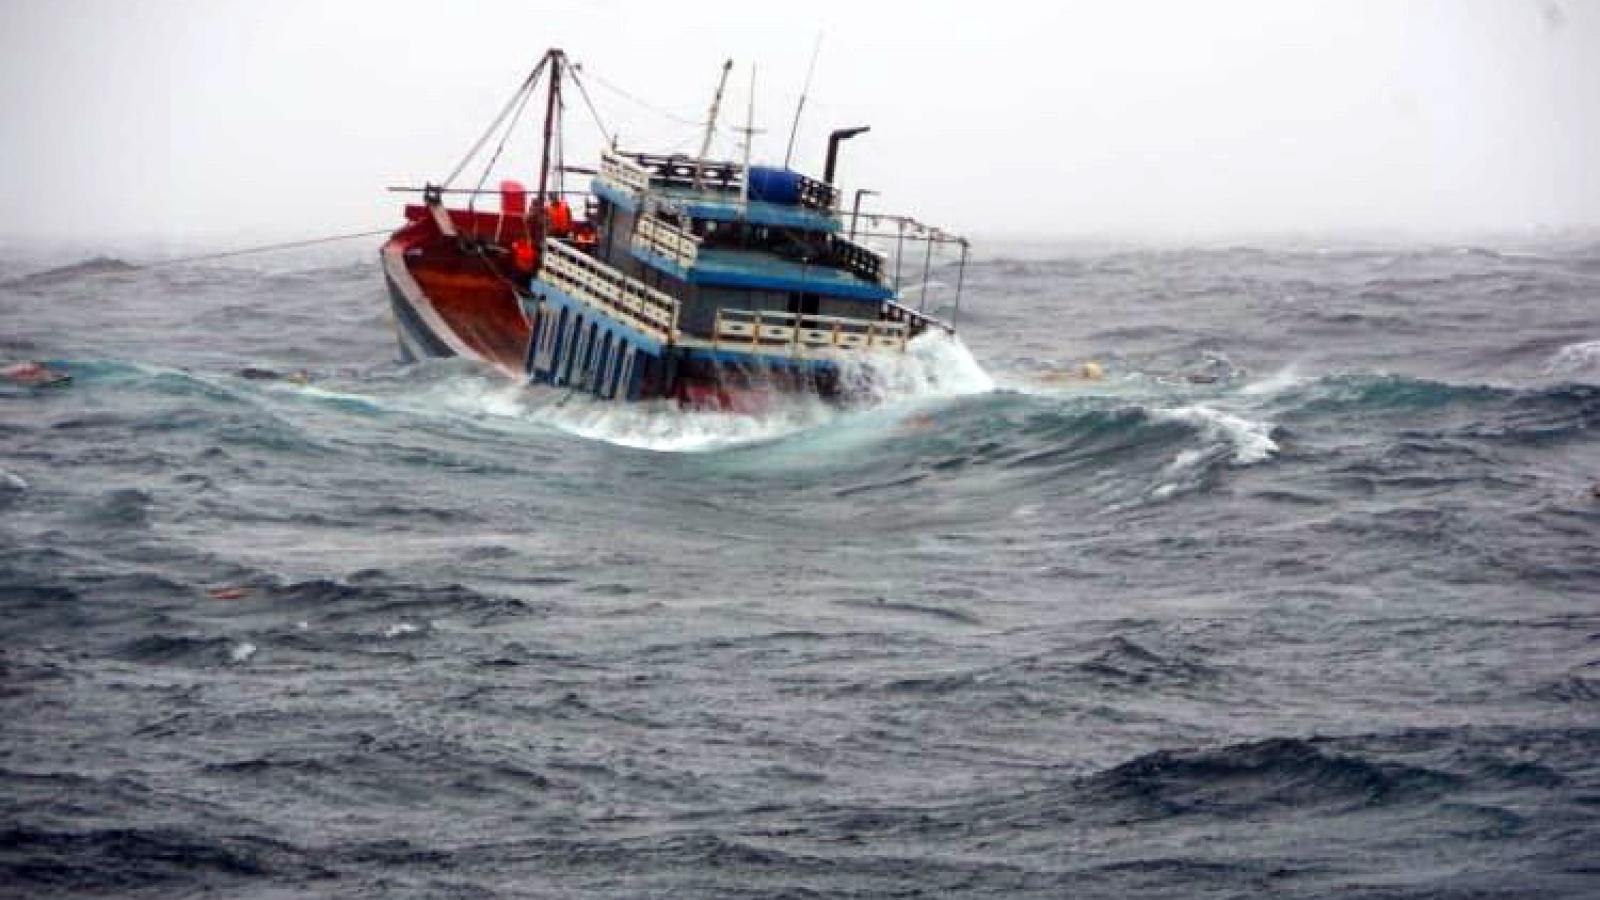 Tàu Cảnh sát biển đưa ngư dân, thuyền viên gặp nạn trong bão số 5 vào bờ an toàn